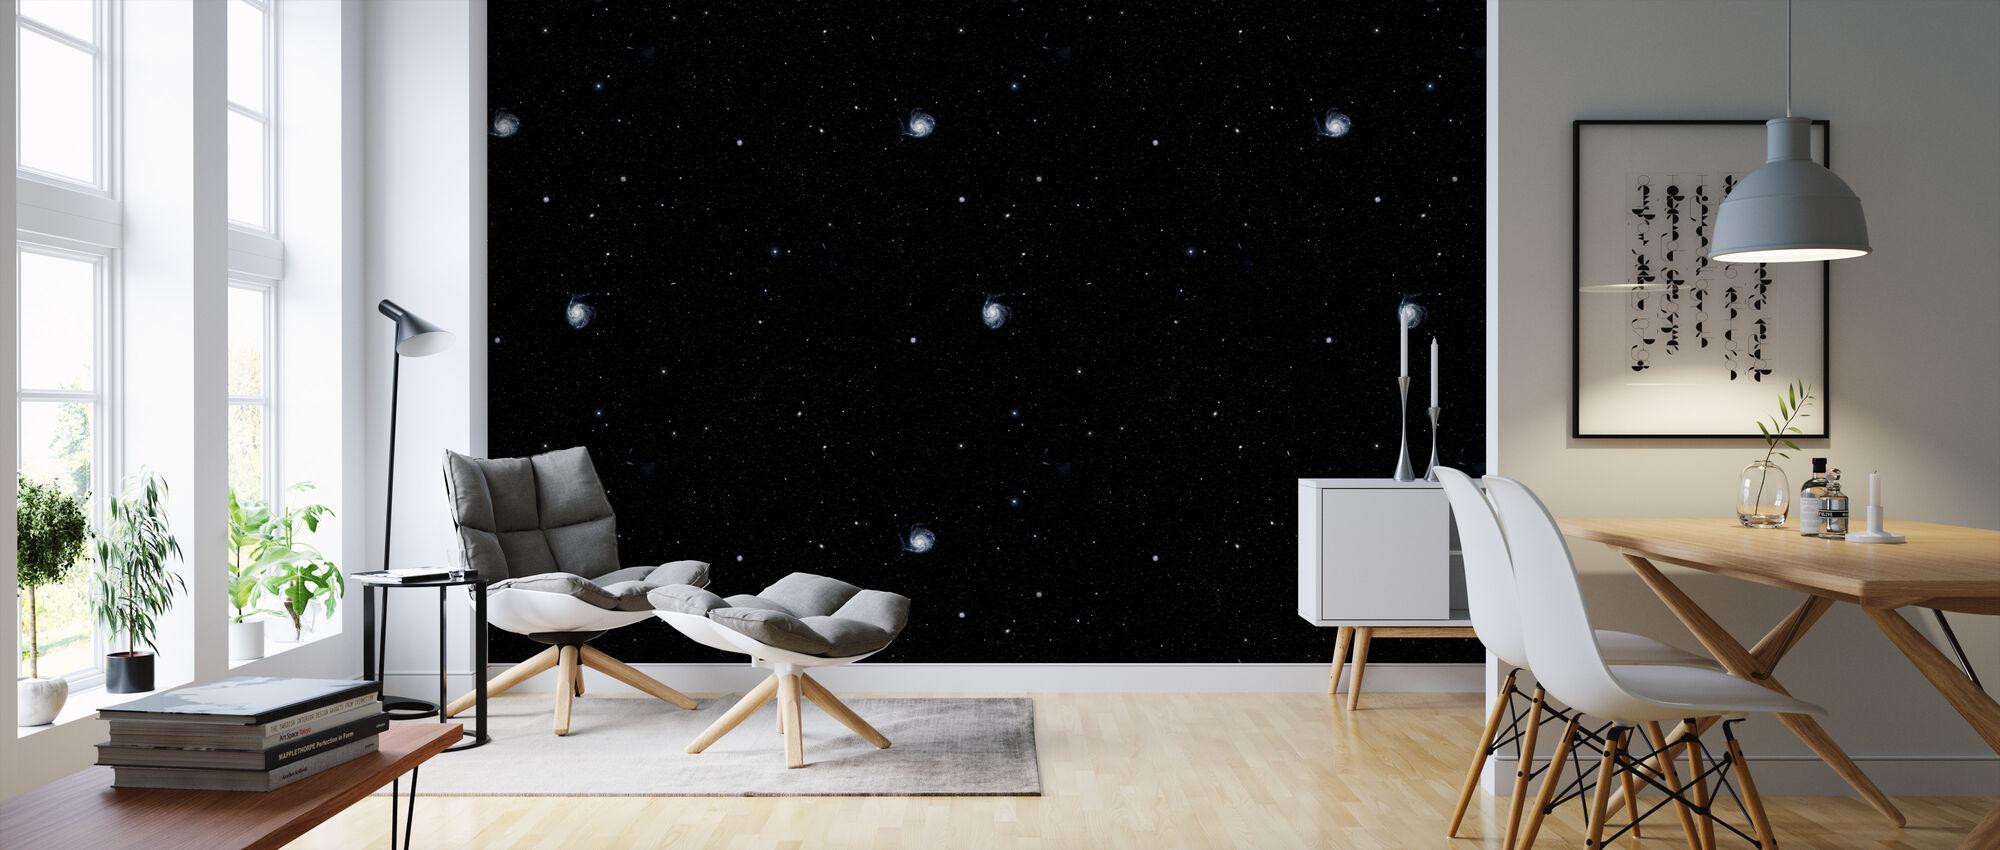 Galaxys - Wallpaper - Living Room